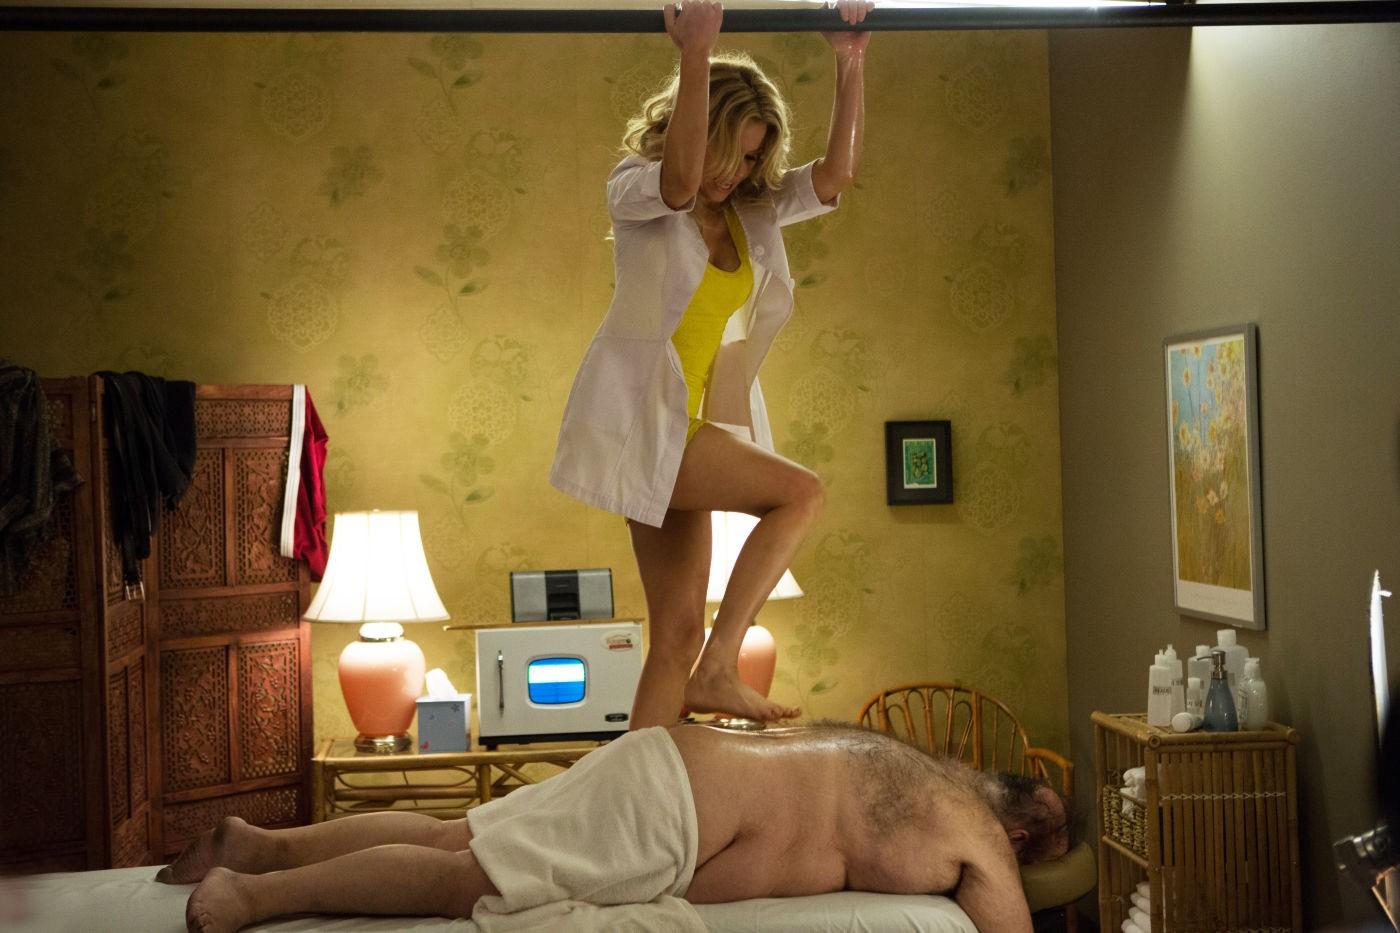 Una notte in giallo: Elizabeth Banks impegnata in un improbabile massaggio